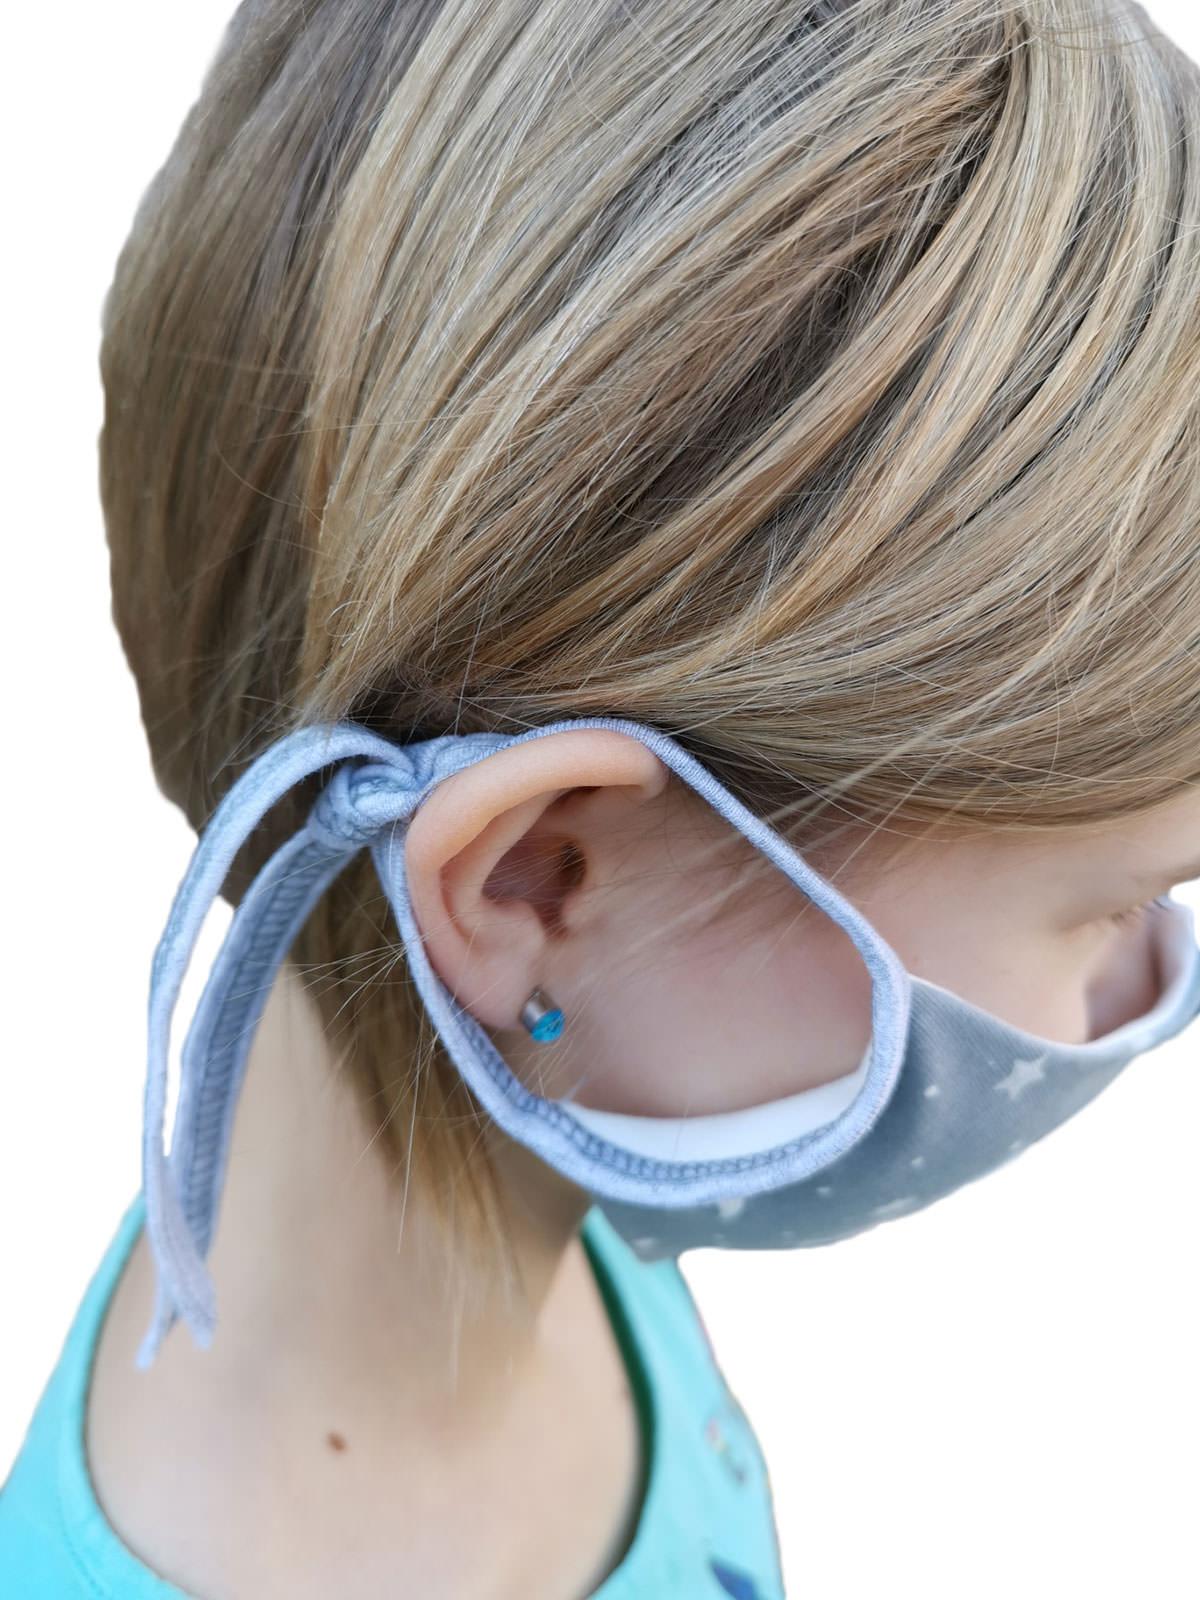 Gesichtsmaske für Kinder hinten